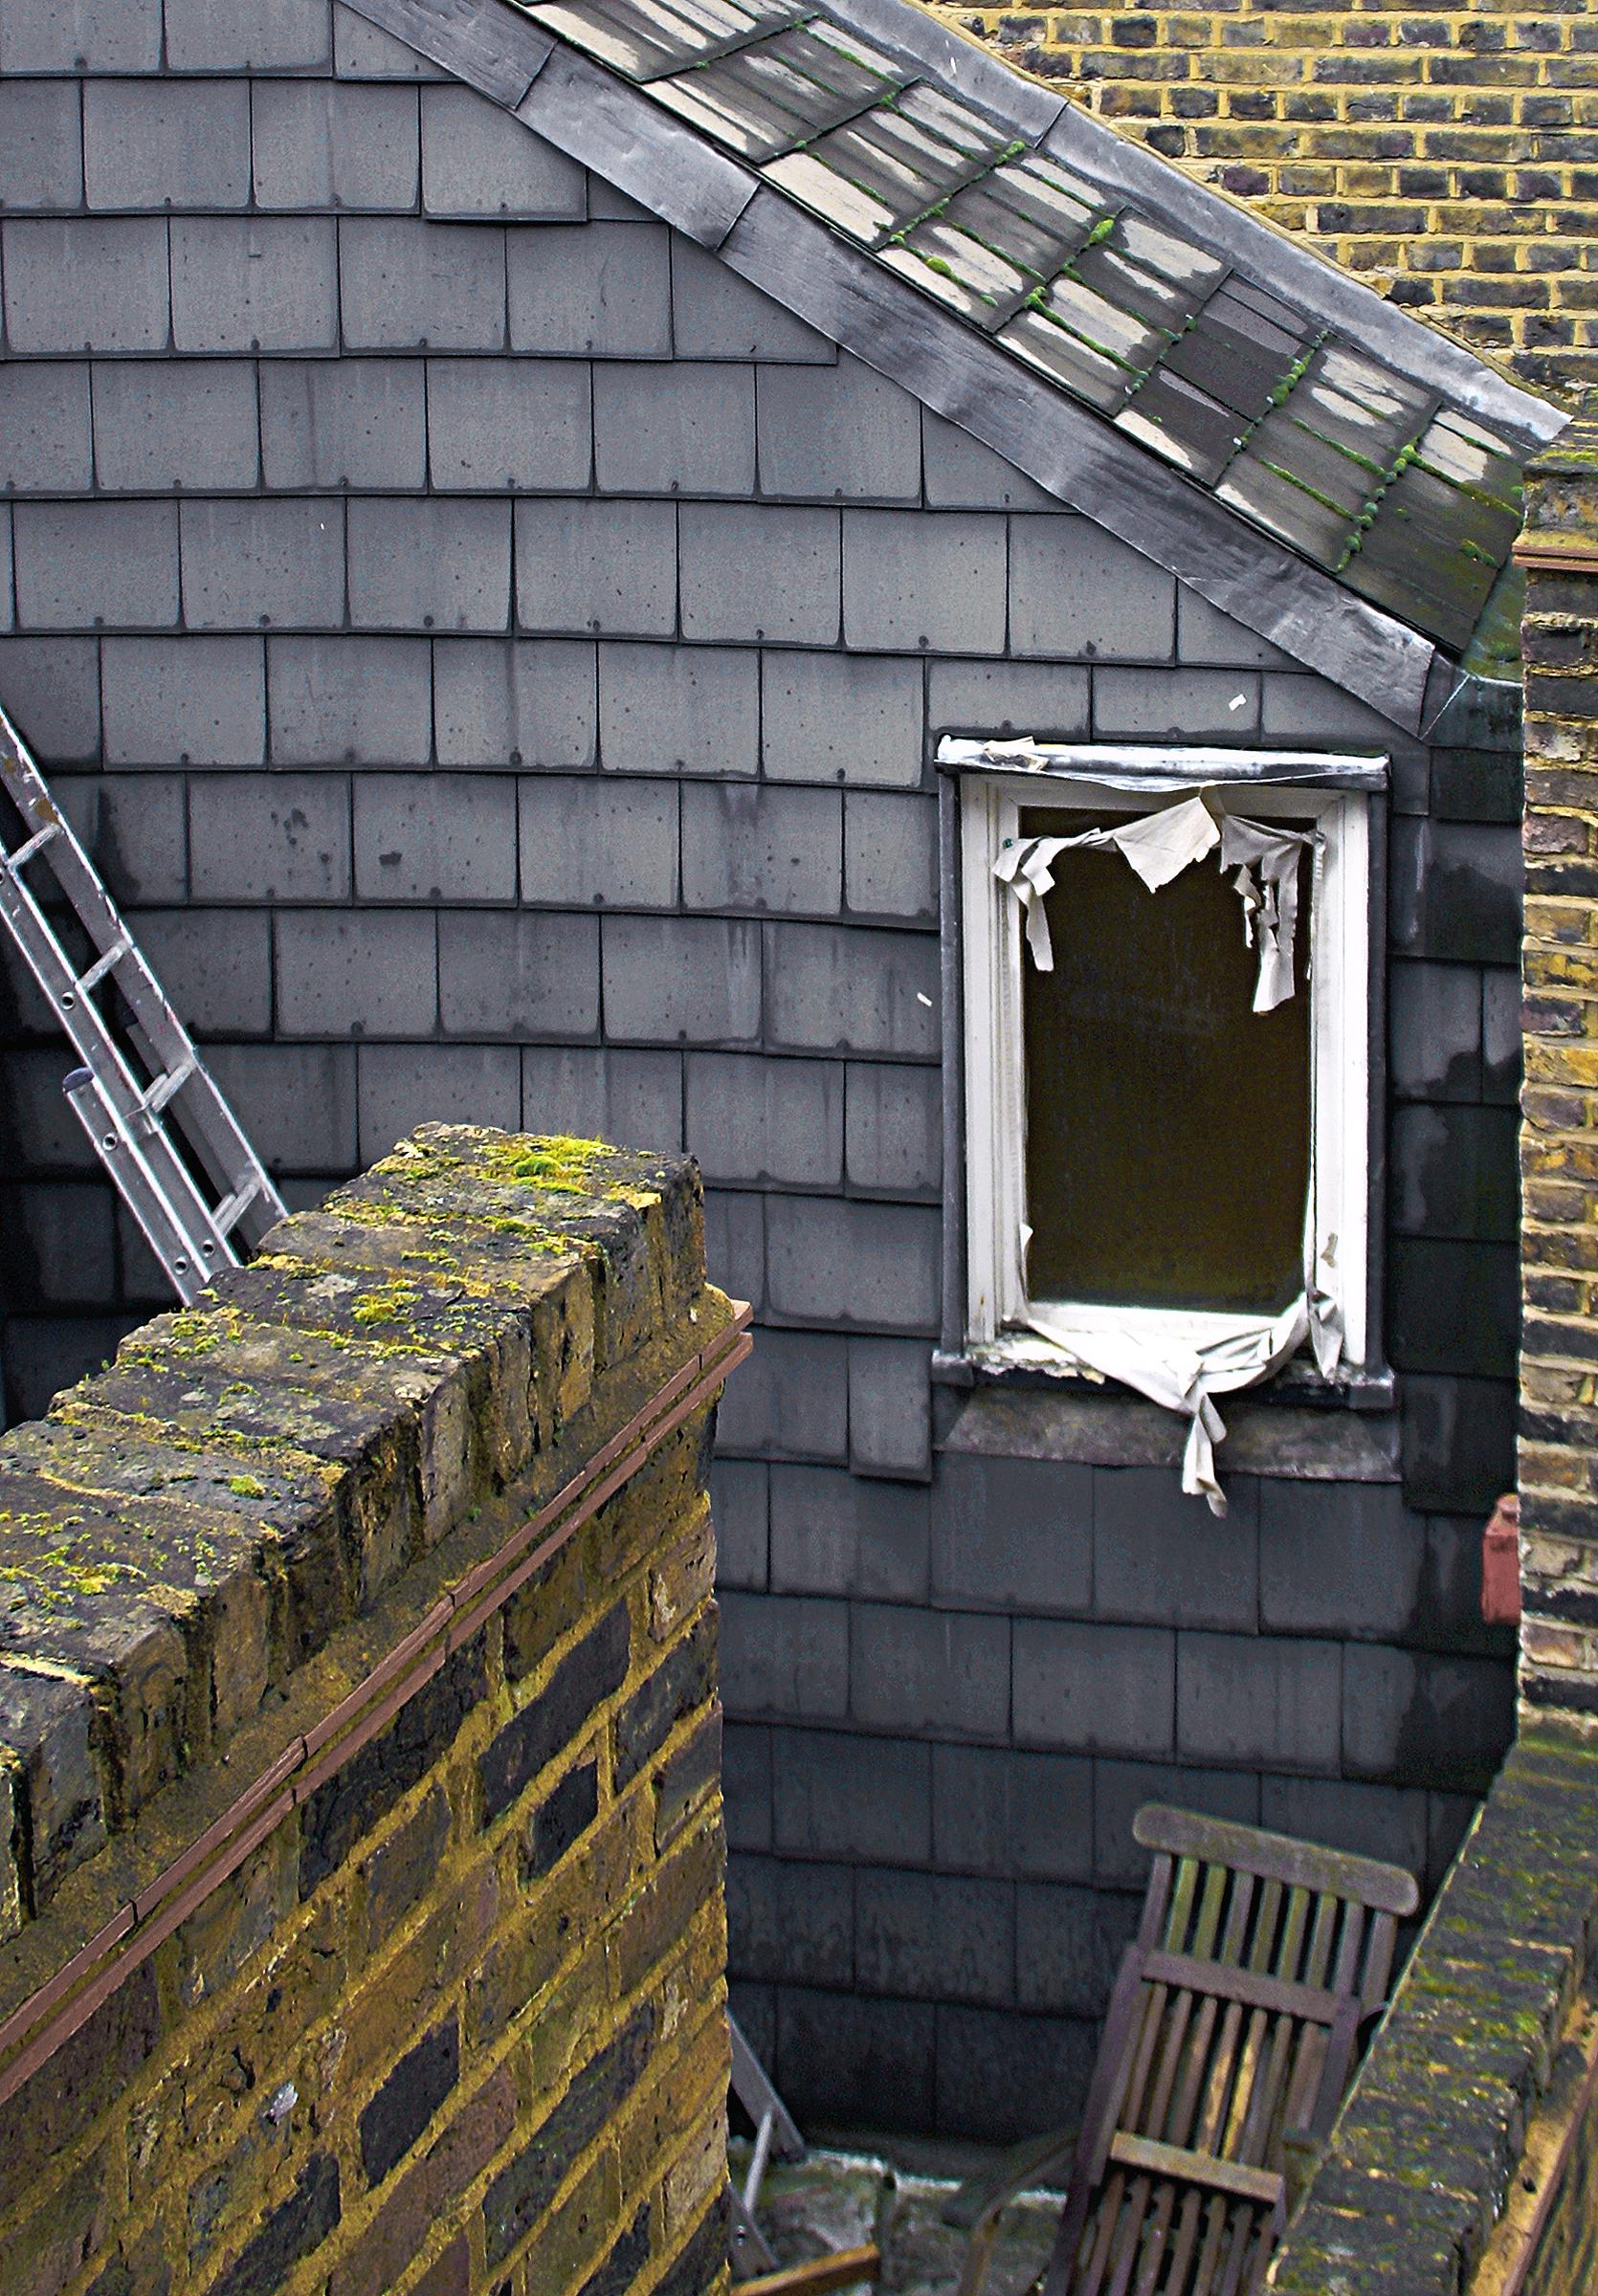 window w tatters clapboard house brick walls 2.jpg